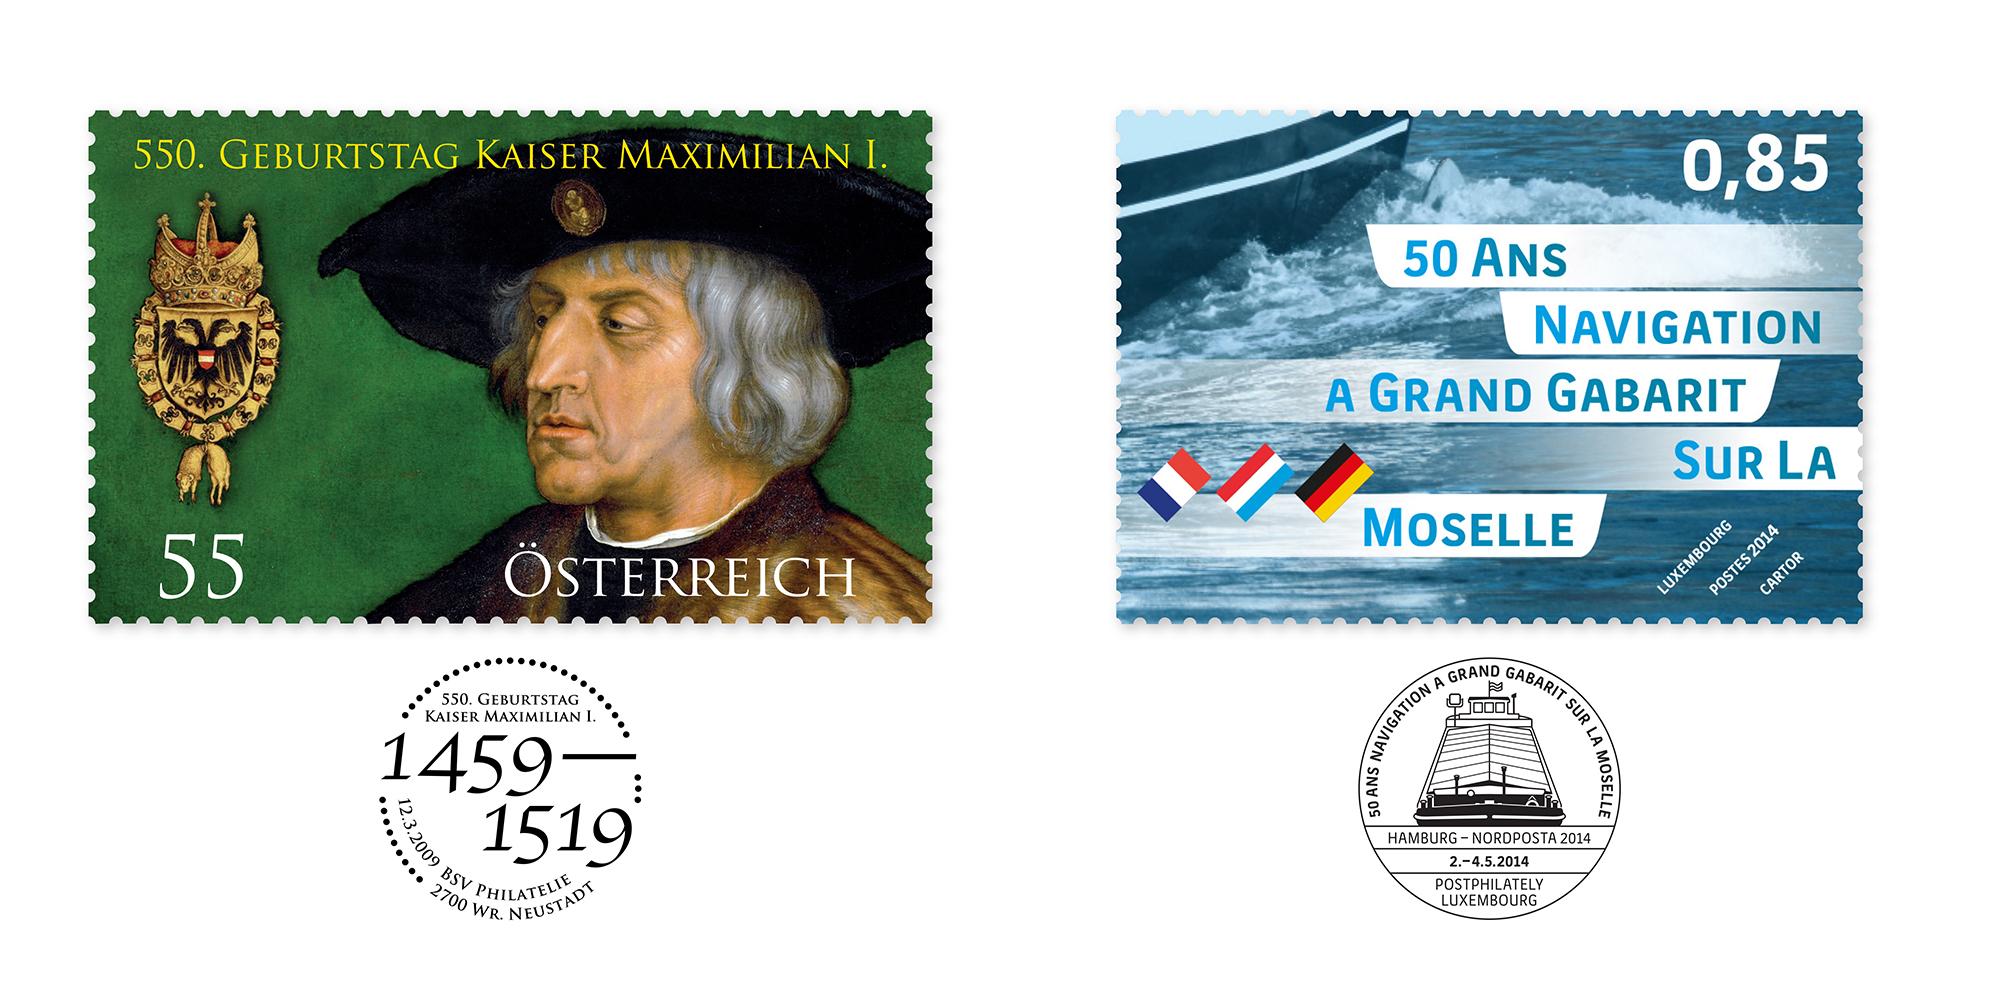 www_Briefmarkenserien.indd